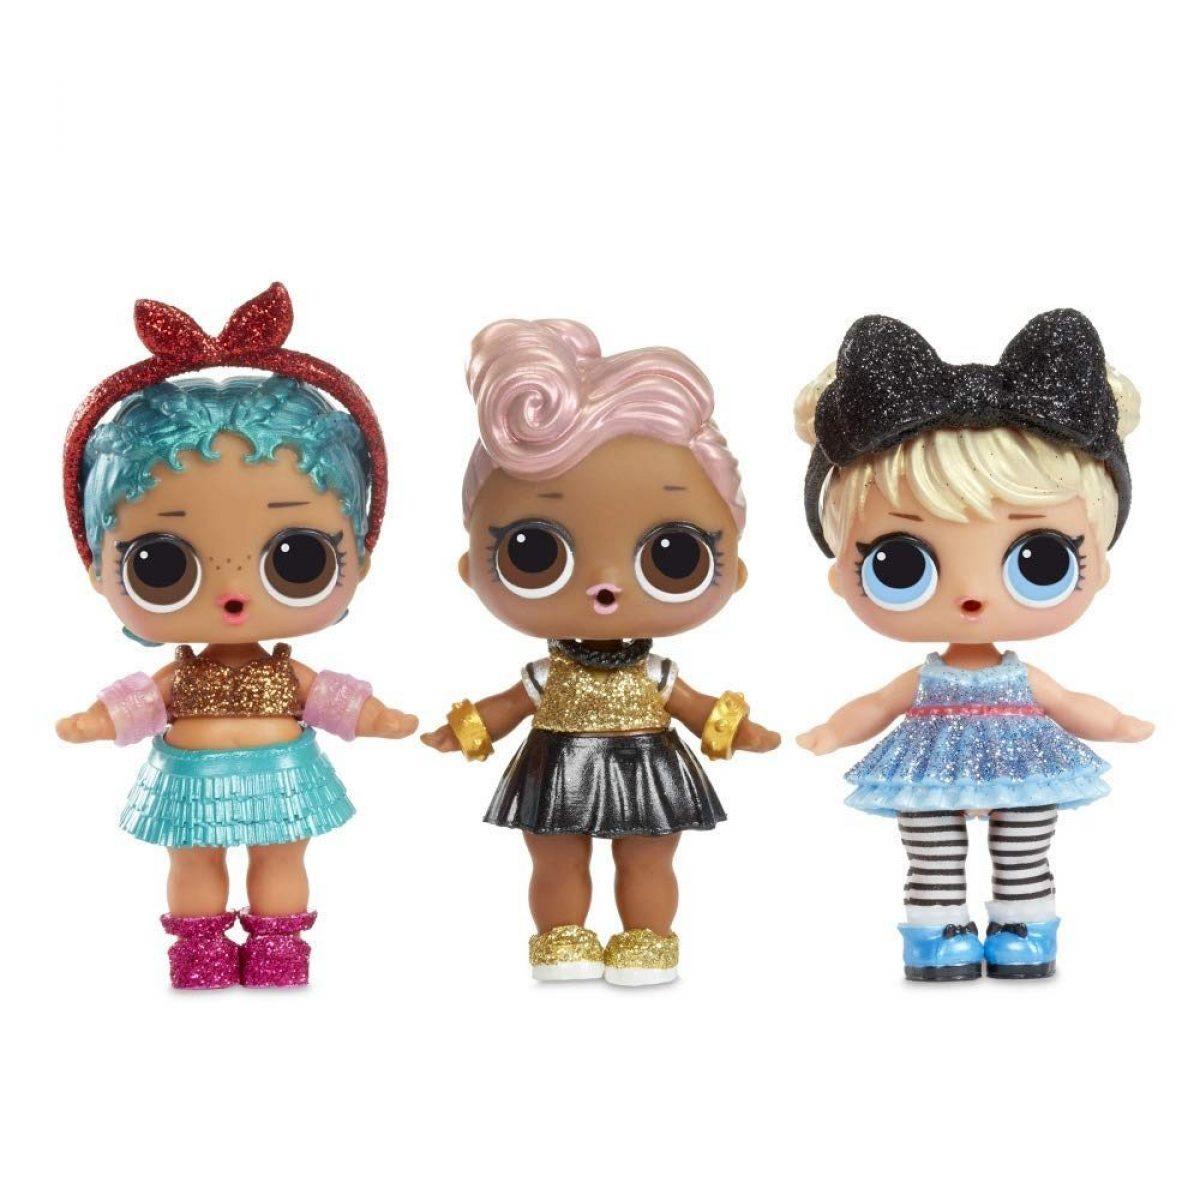 L.O.L SORPRESA PER RAGAZZI NUOVO 2019 LOL assortimento di bambole NUOVO